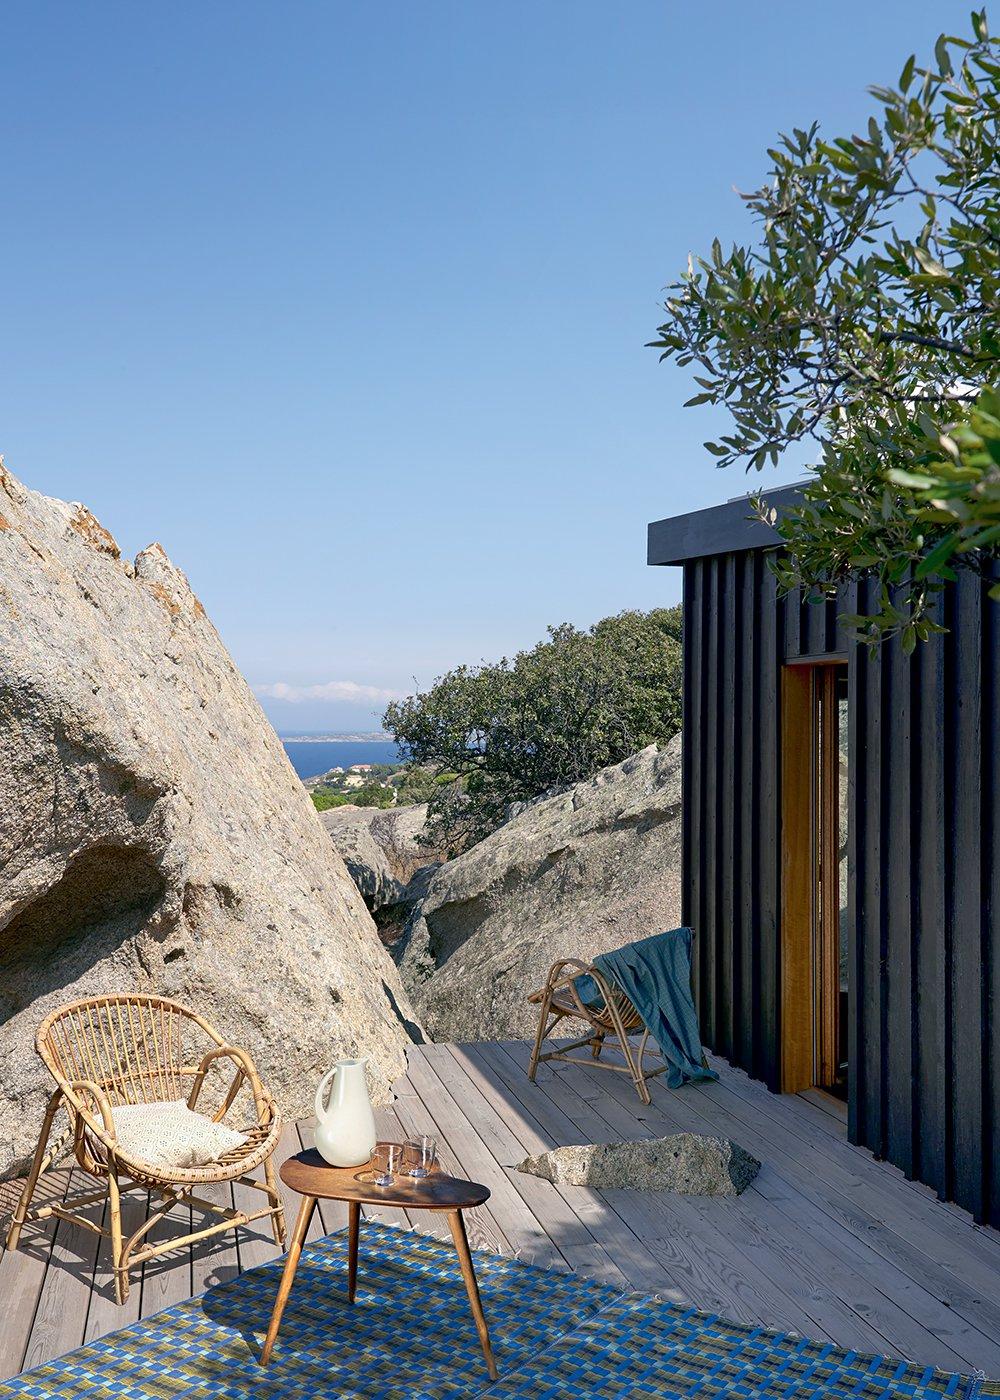 Une Maison Cachée Dans La Nature - Marie Claire encequiconcerne Marie Claire Maison Amenagement Devant Maison